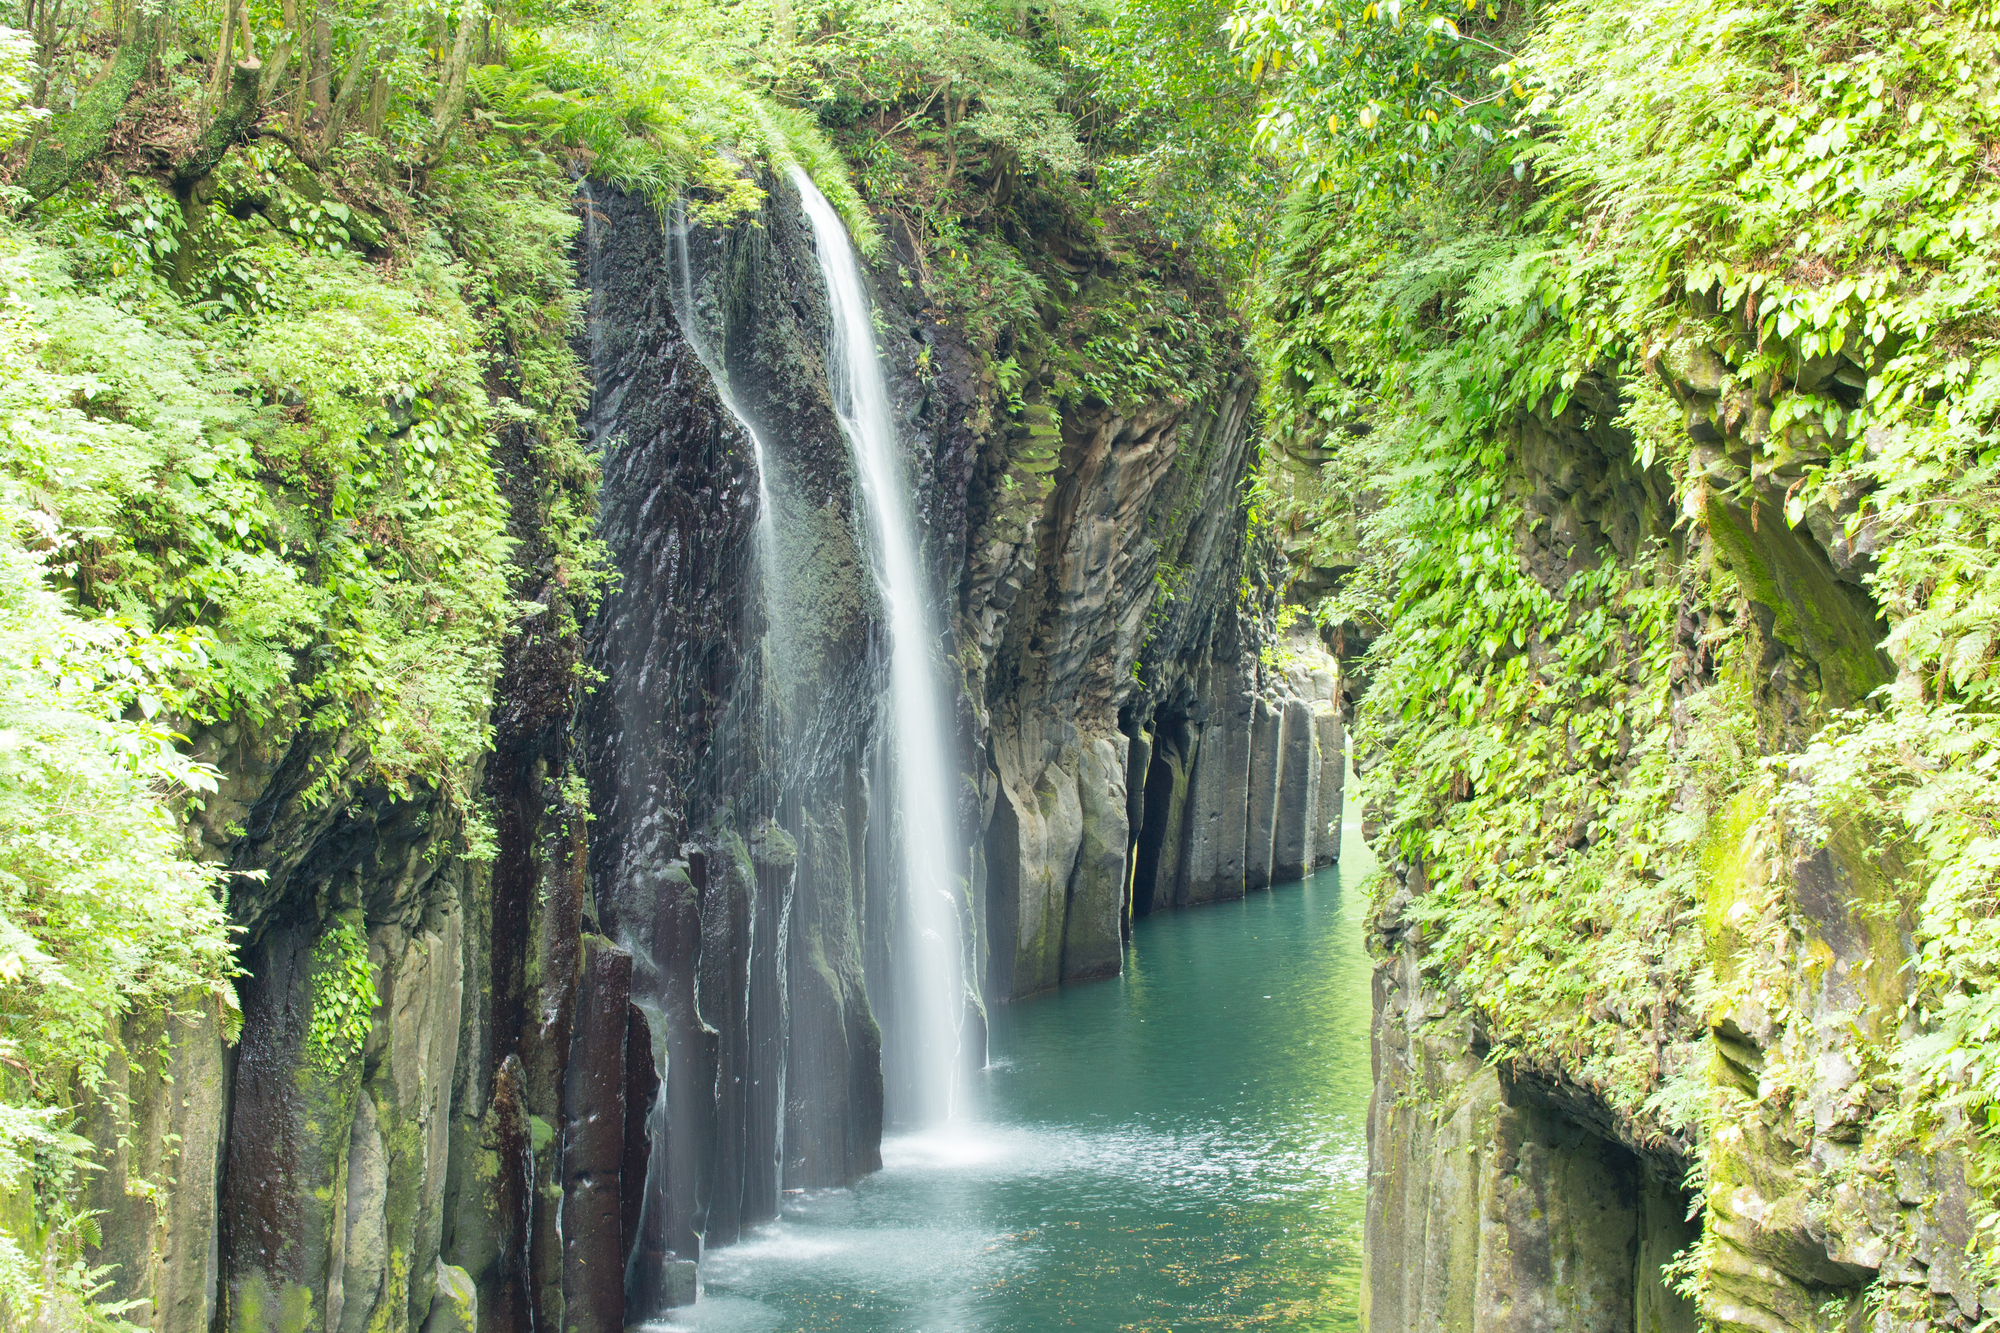 真名井の滝(まないのたき)